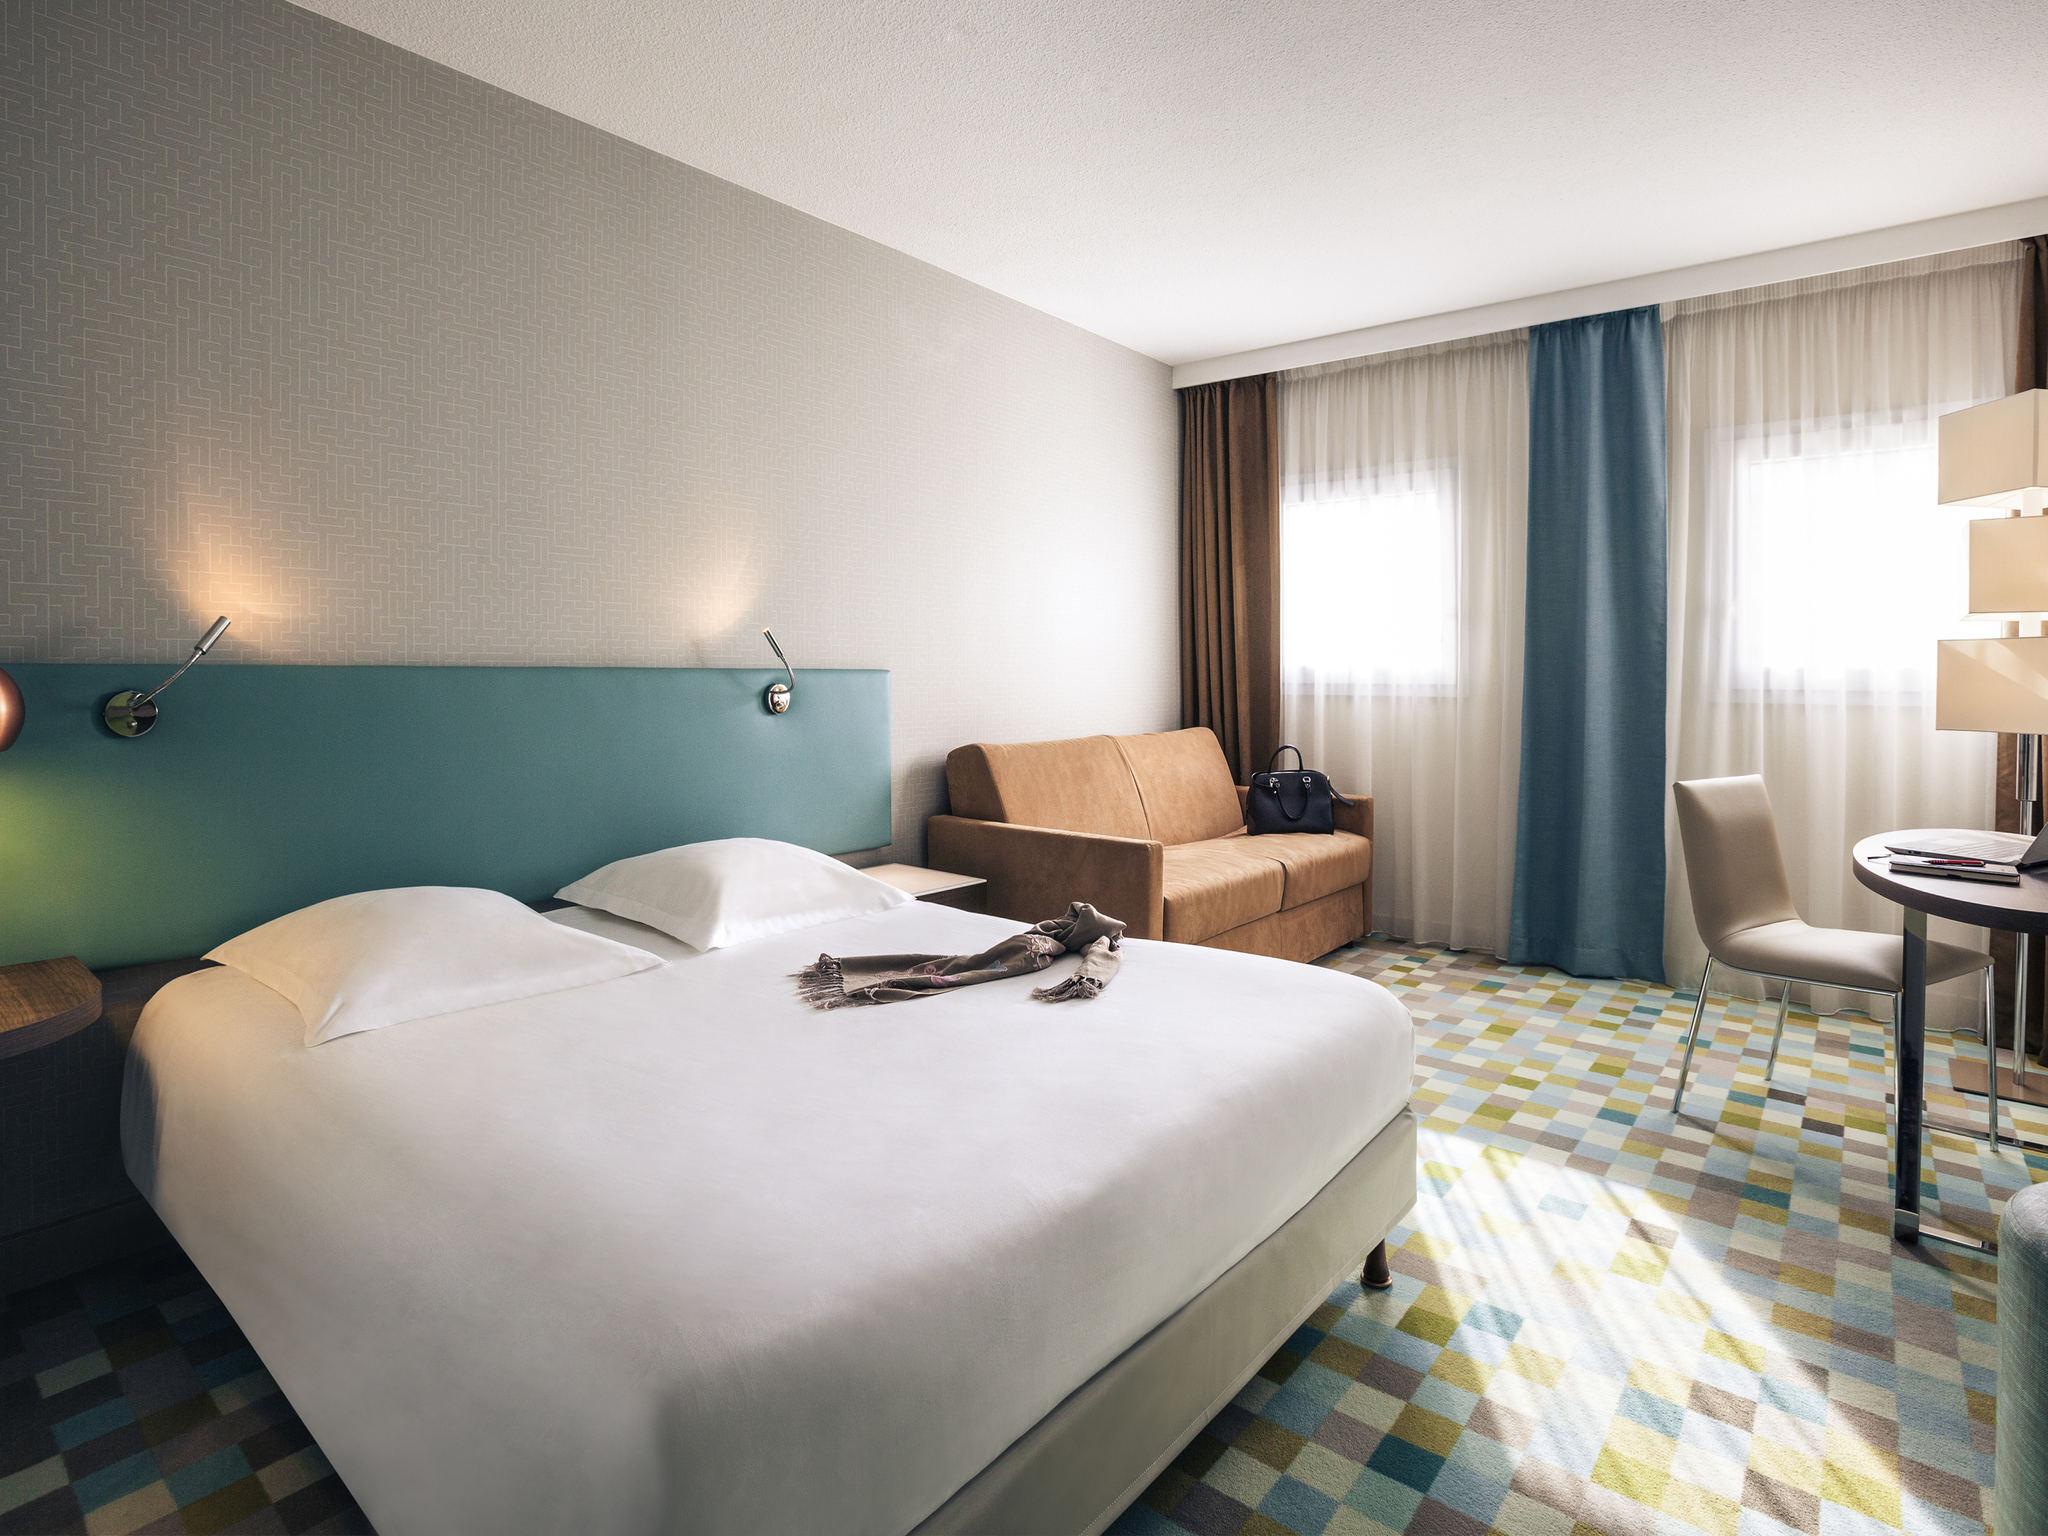 فندق - Hôtel Mercure Marne-la-Vallée Bussy-Saint-Georges